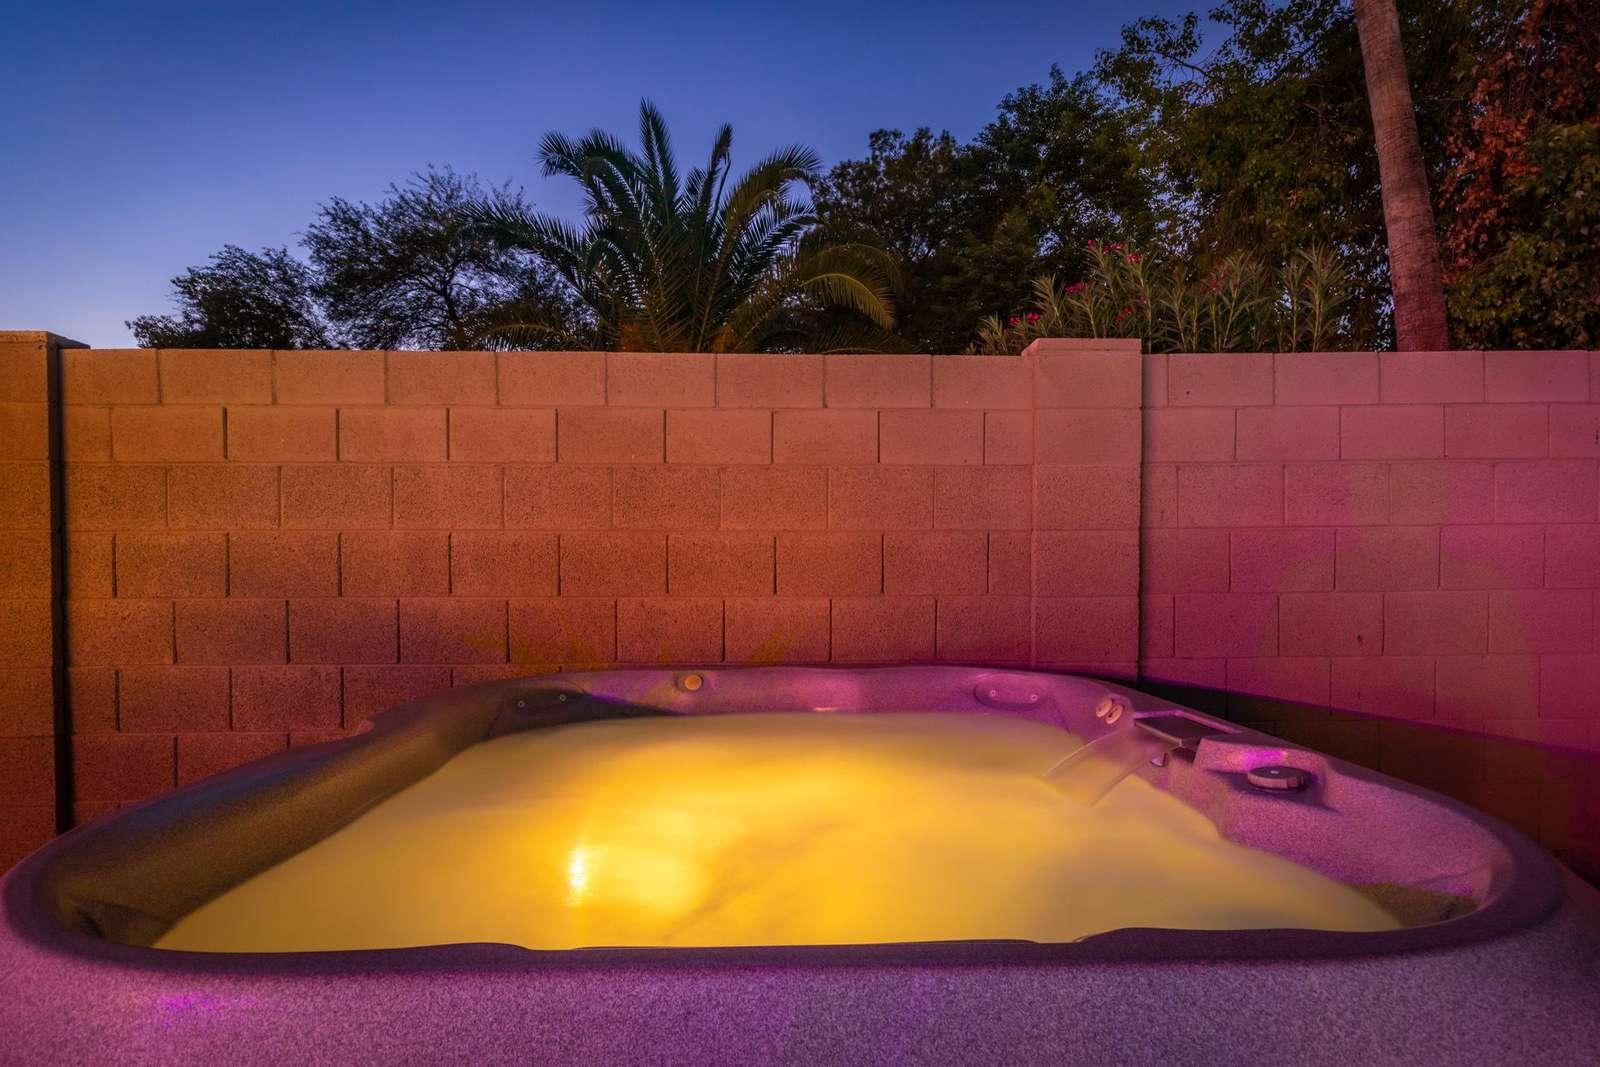 Full Size Hot Tub w/Waterfalls.